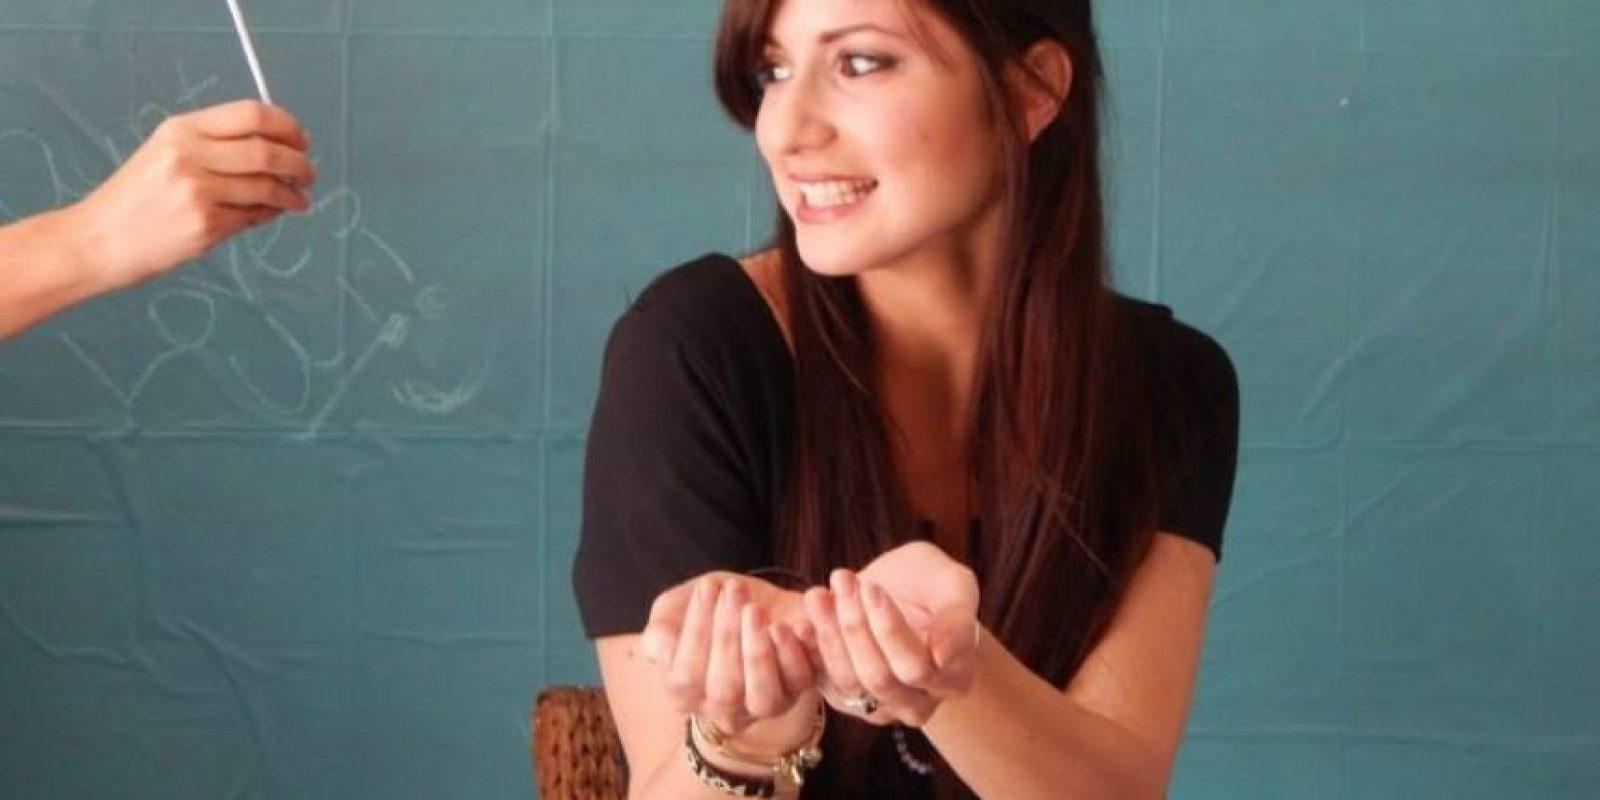 Y ella es Tiffany Posteraro Foto:Foto Vía Facebook/TiffanyPosteraro